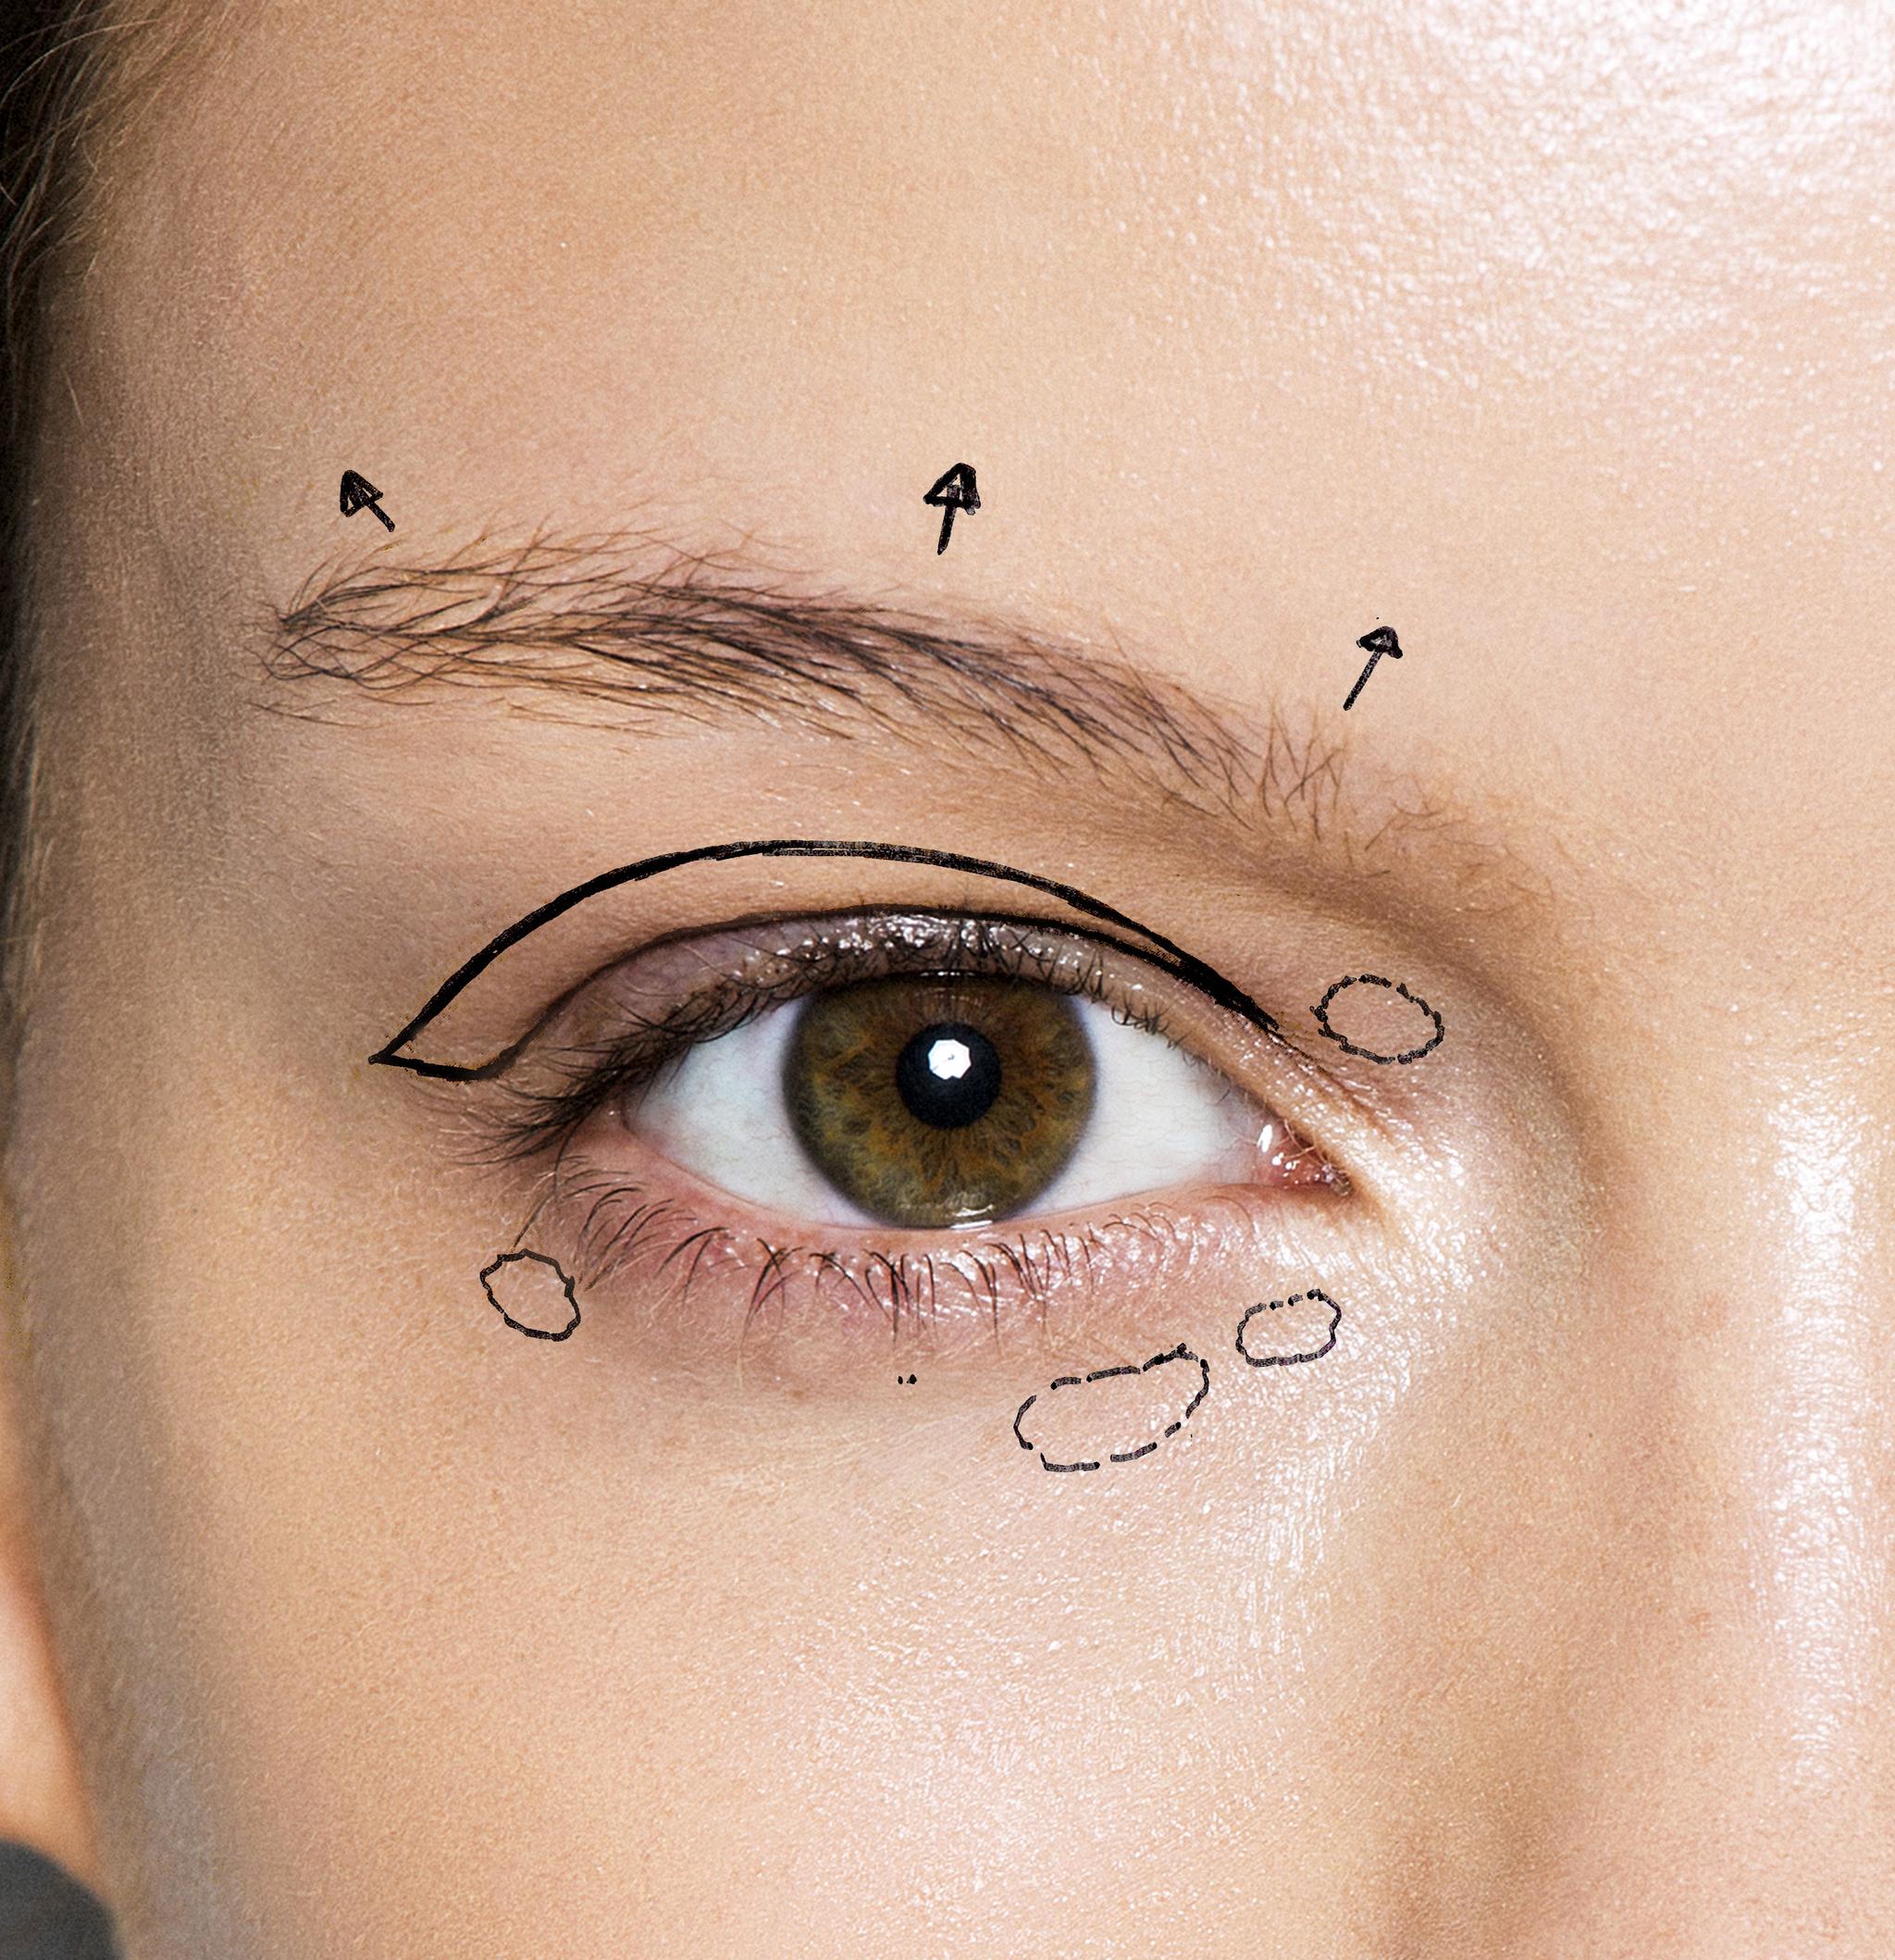 Ponte en manos de un profesional para elegir el mejor tratamiento para tu mirada.